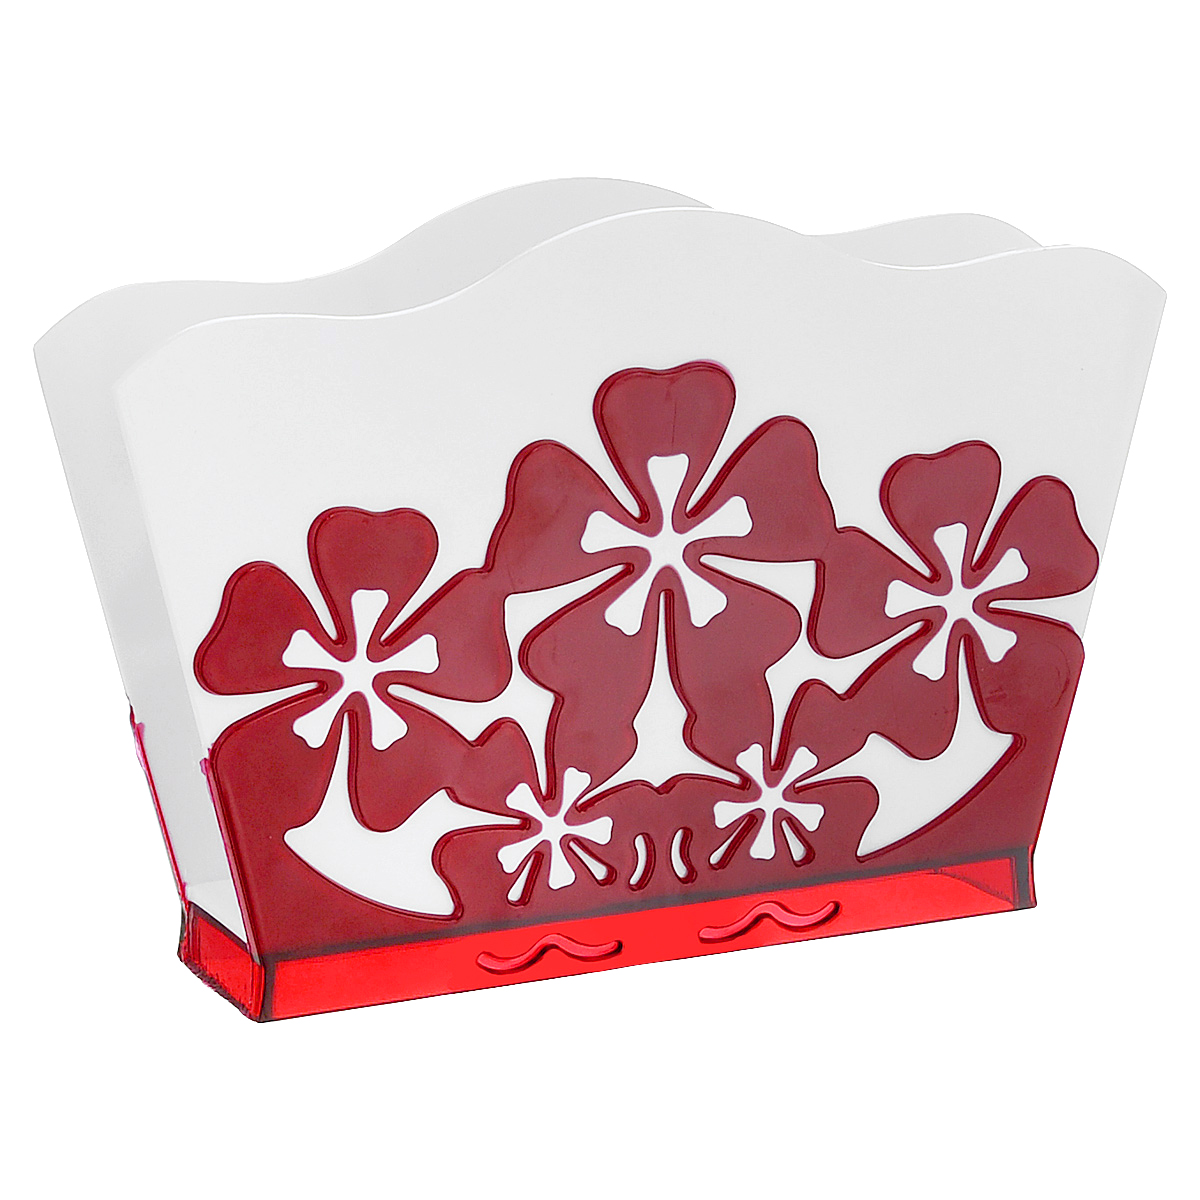 Салфетница Камелия, цвет: белый, красный115510Салфетница Камелия изготовлена из высококачественного прочного пластика и оформлена декоративными цветами. Яркий и оригинальный дизайн несомненно придется вам по вкусу. Такая салфетница великолепно украсит праздничный стол.